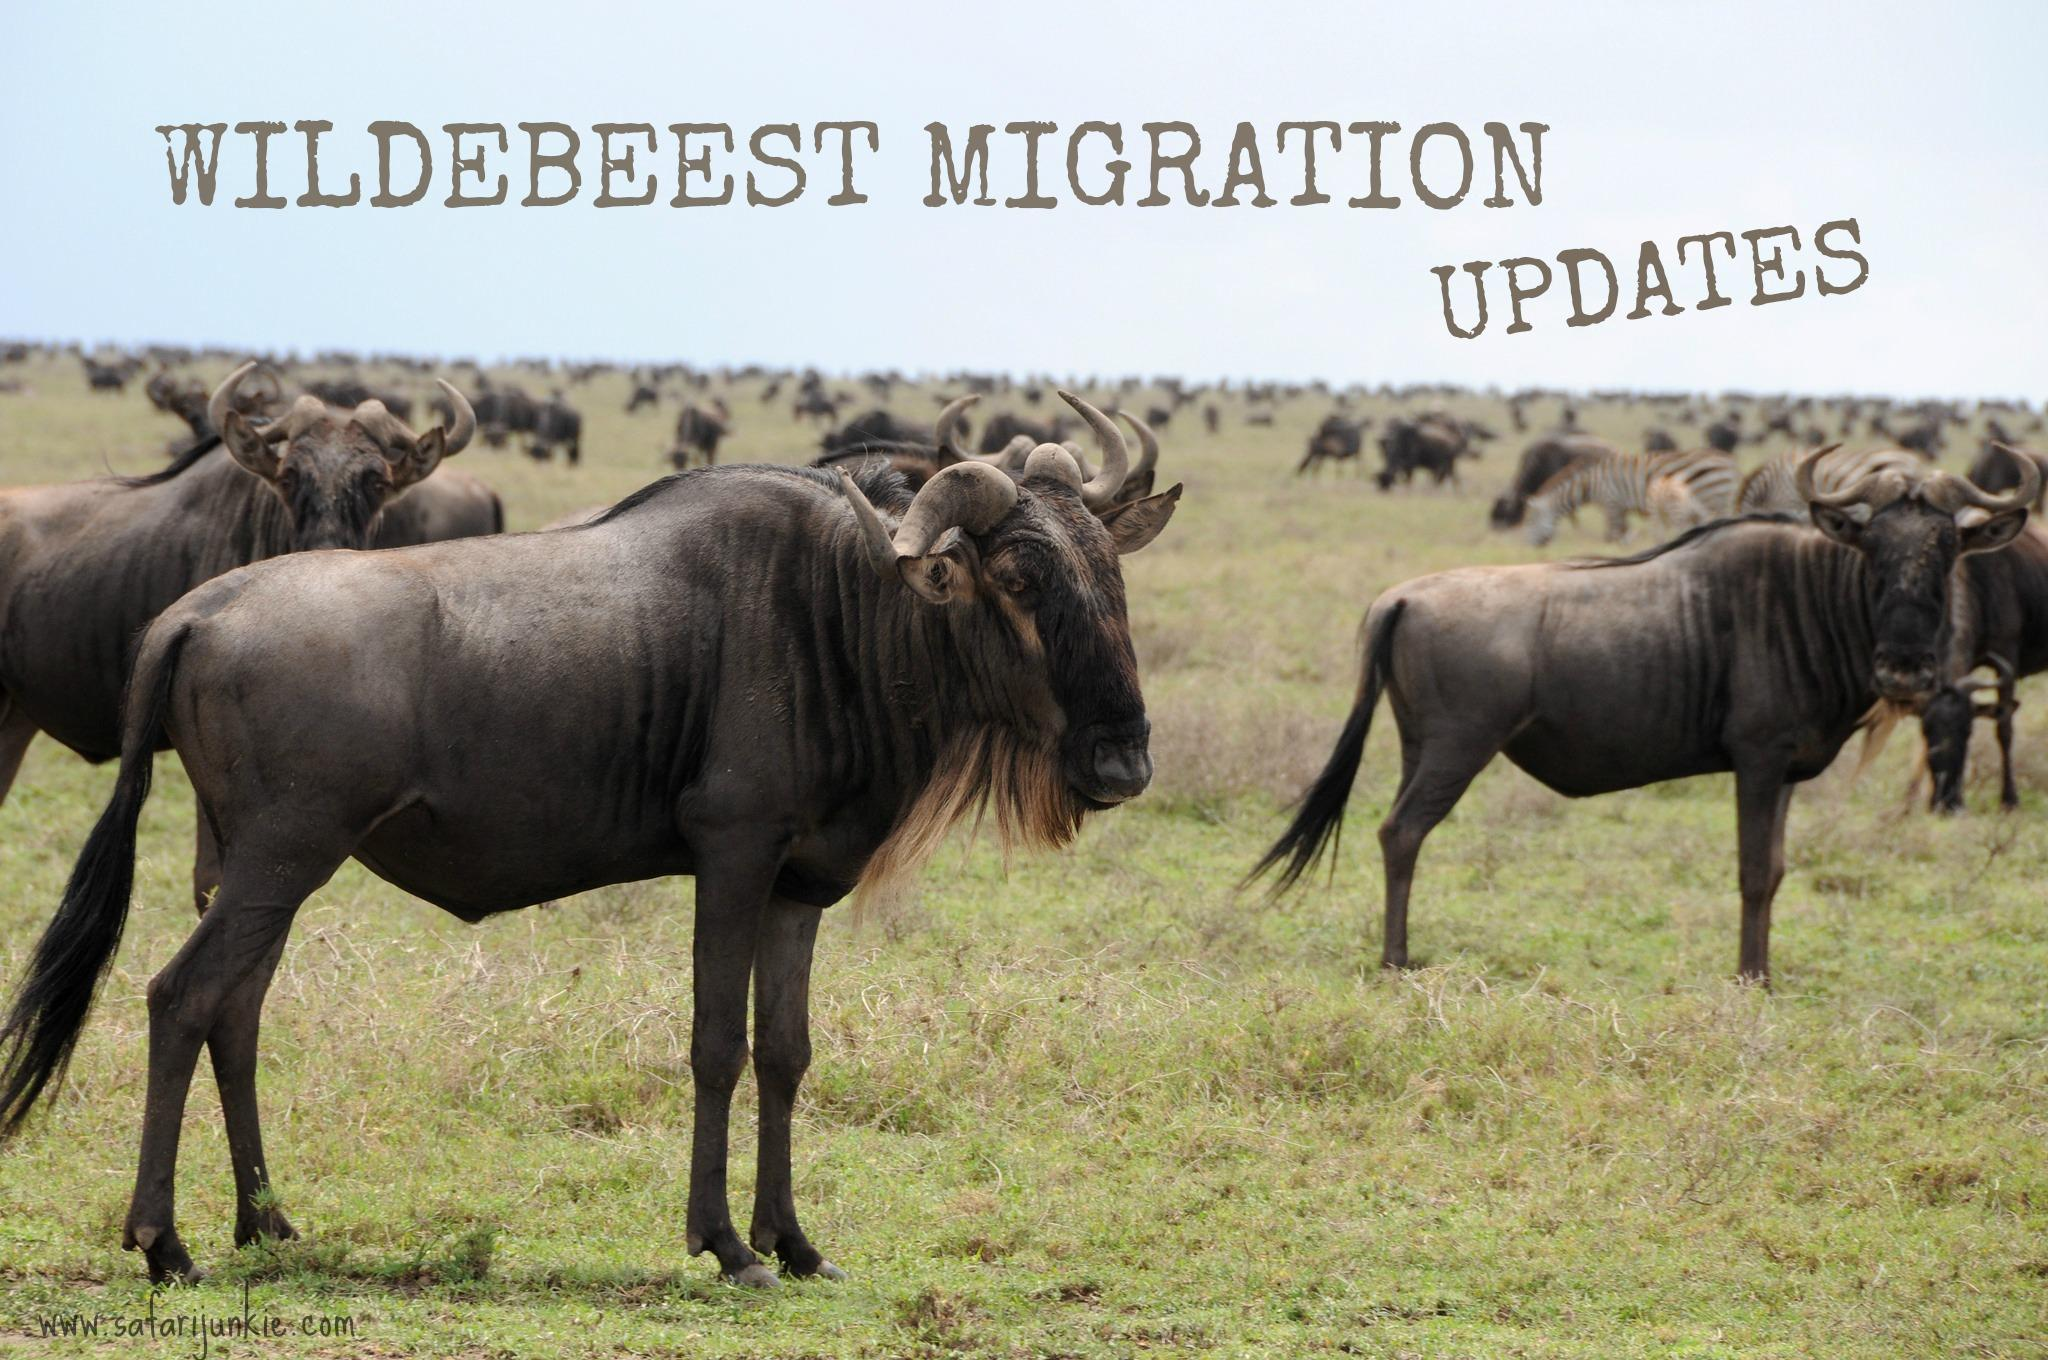 wildebeest migration updates